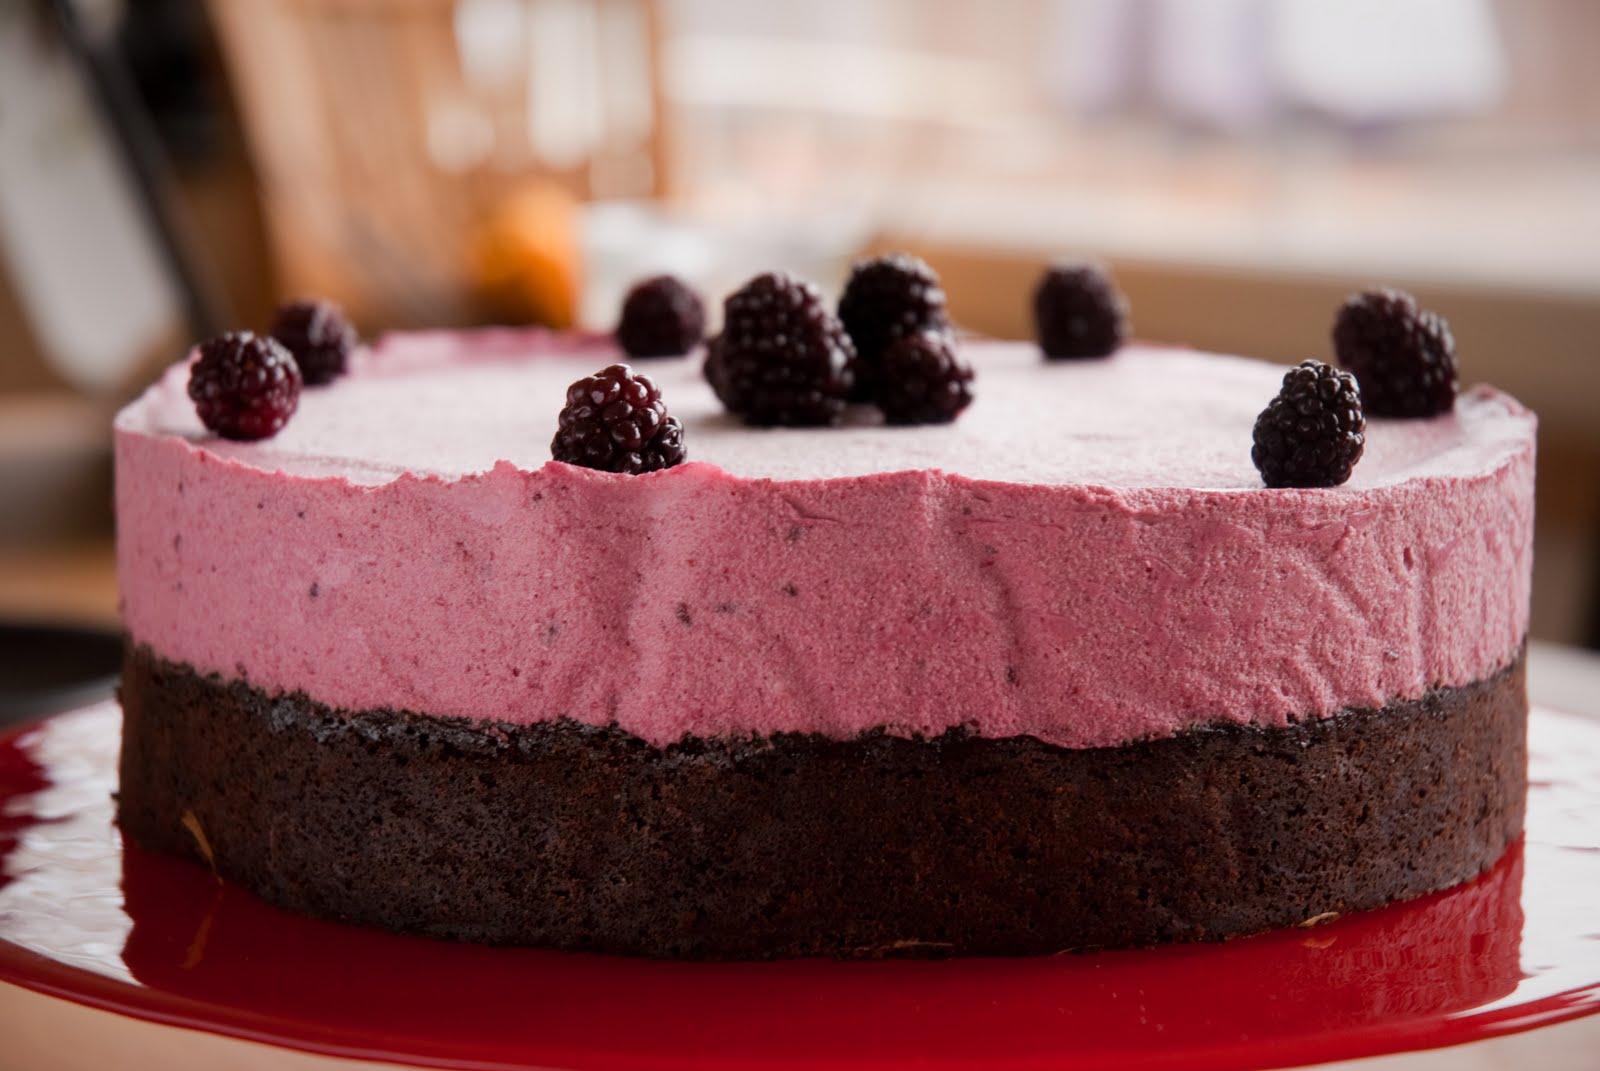 björnbärsmousse till tårta